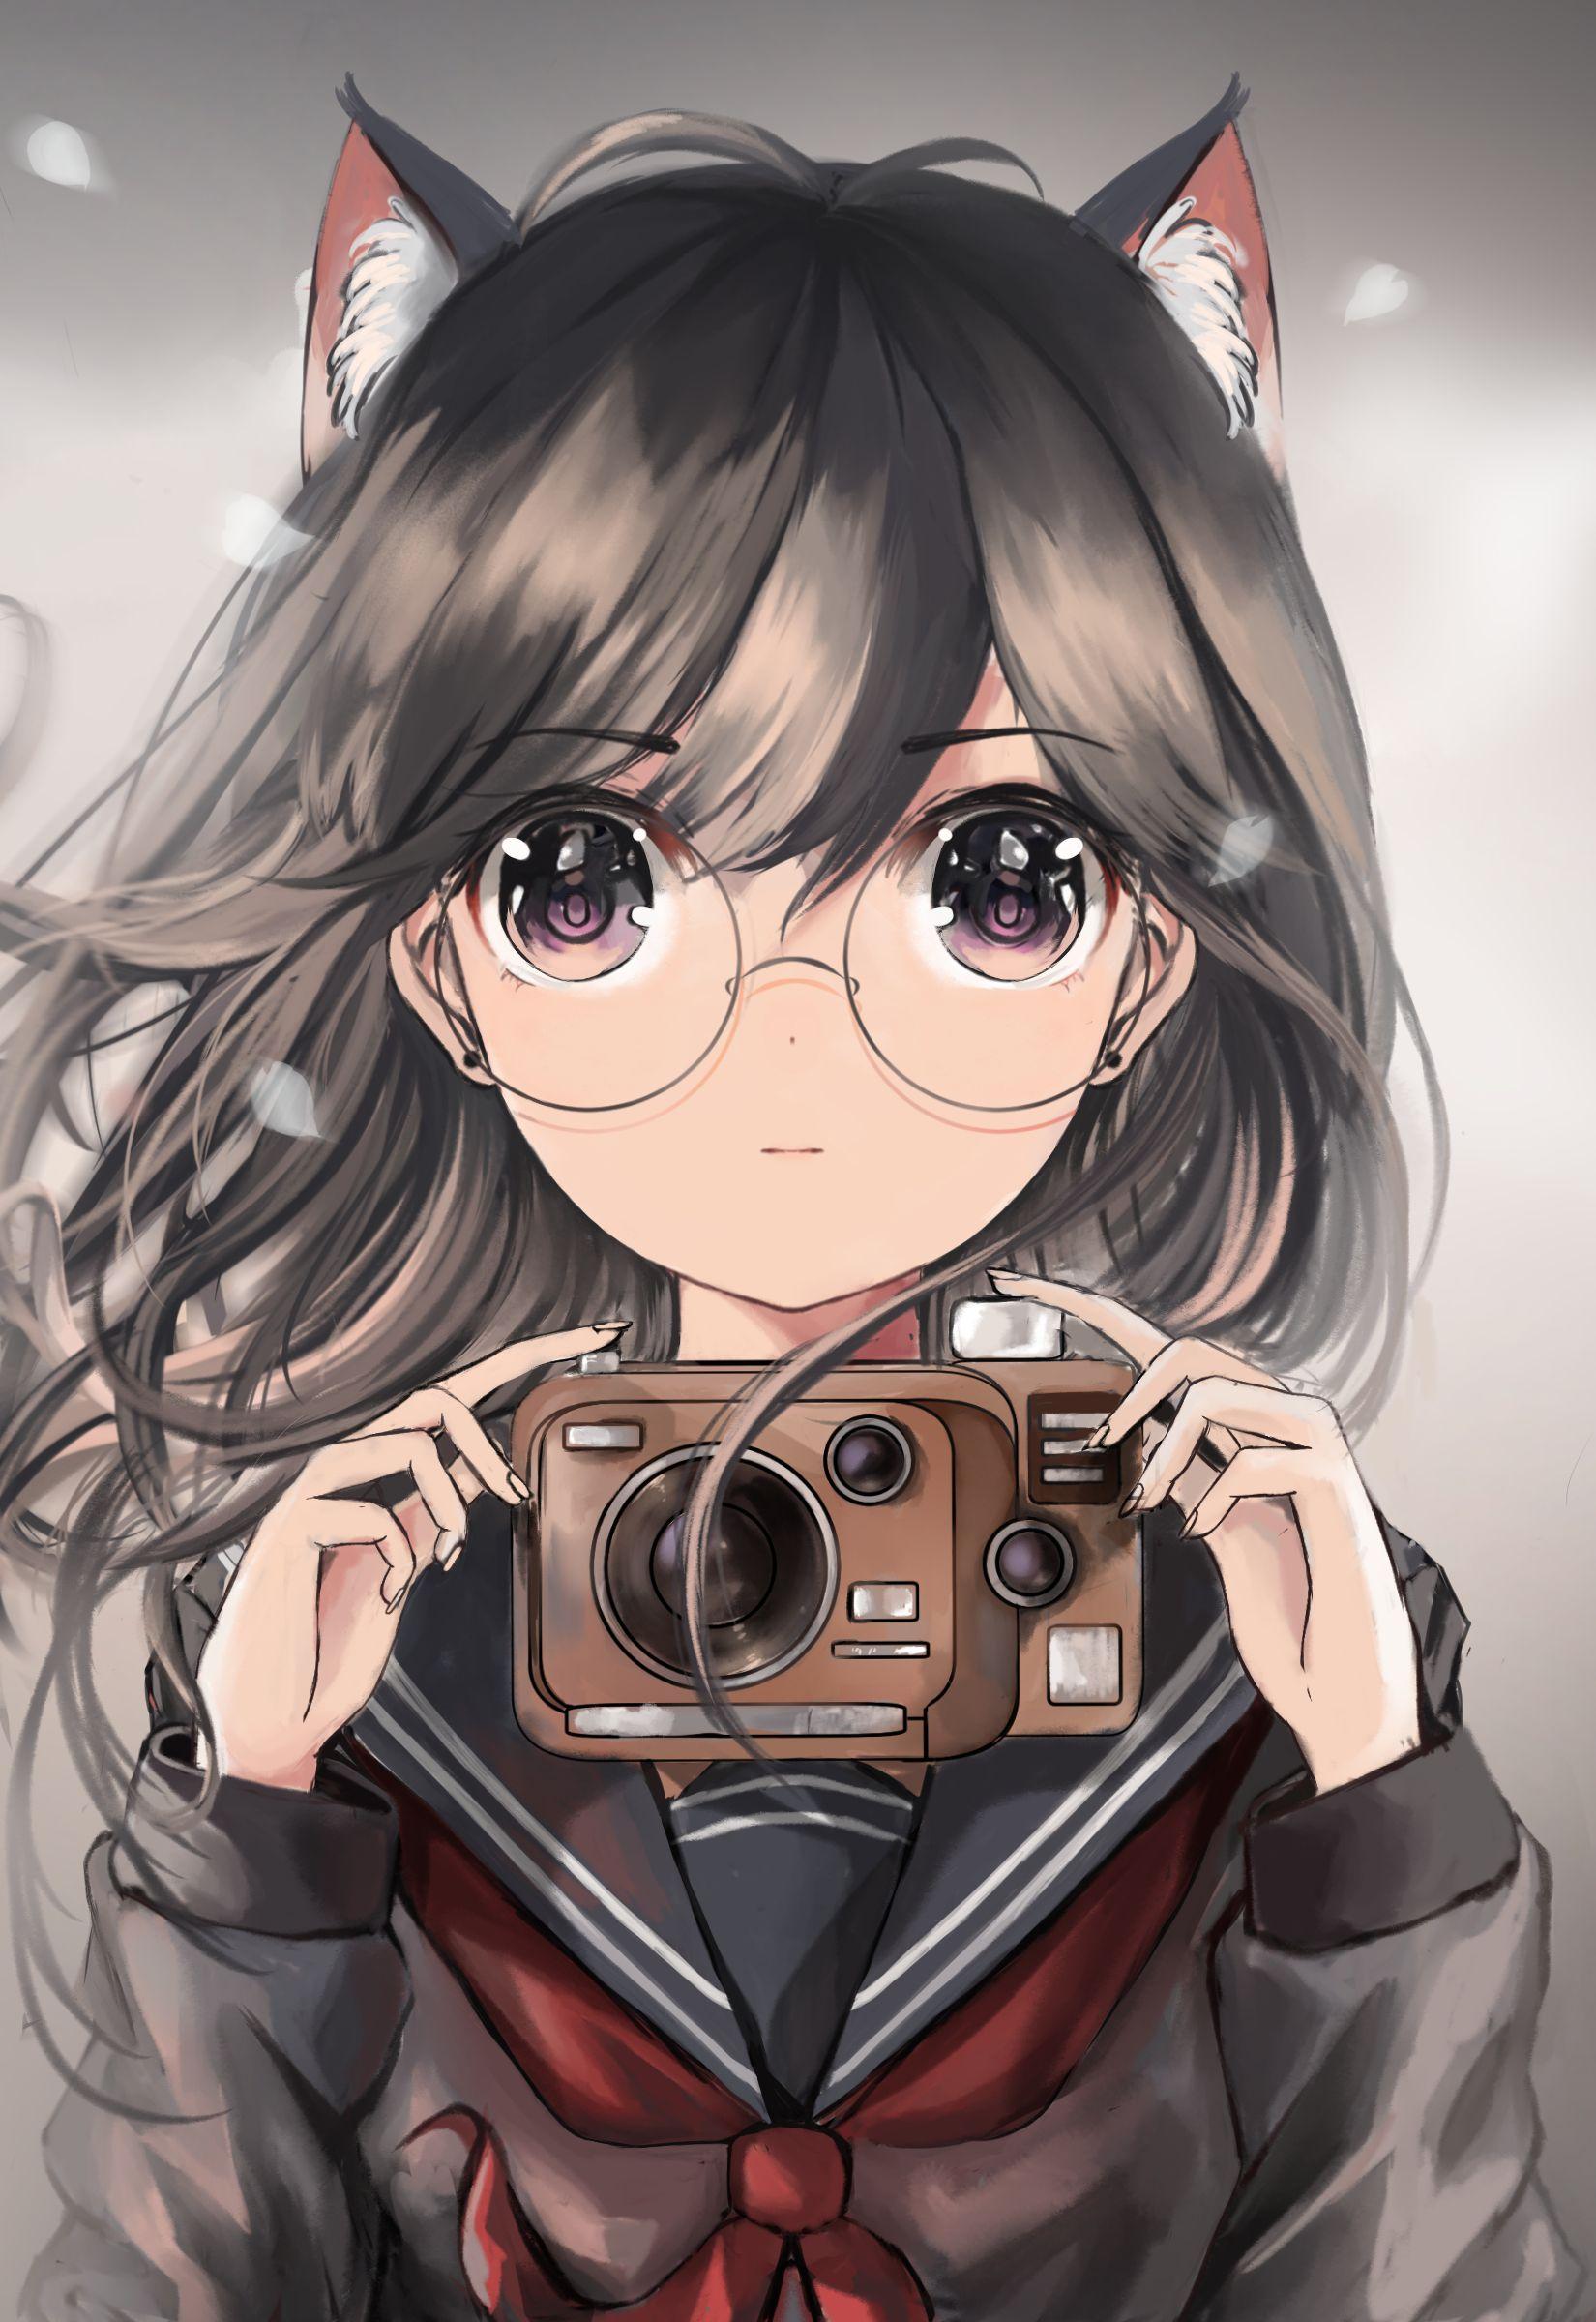 Картинки красивых девочек аниме на аву